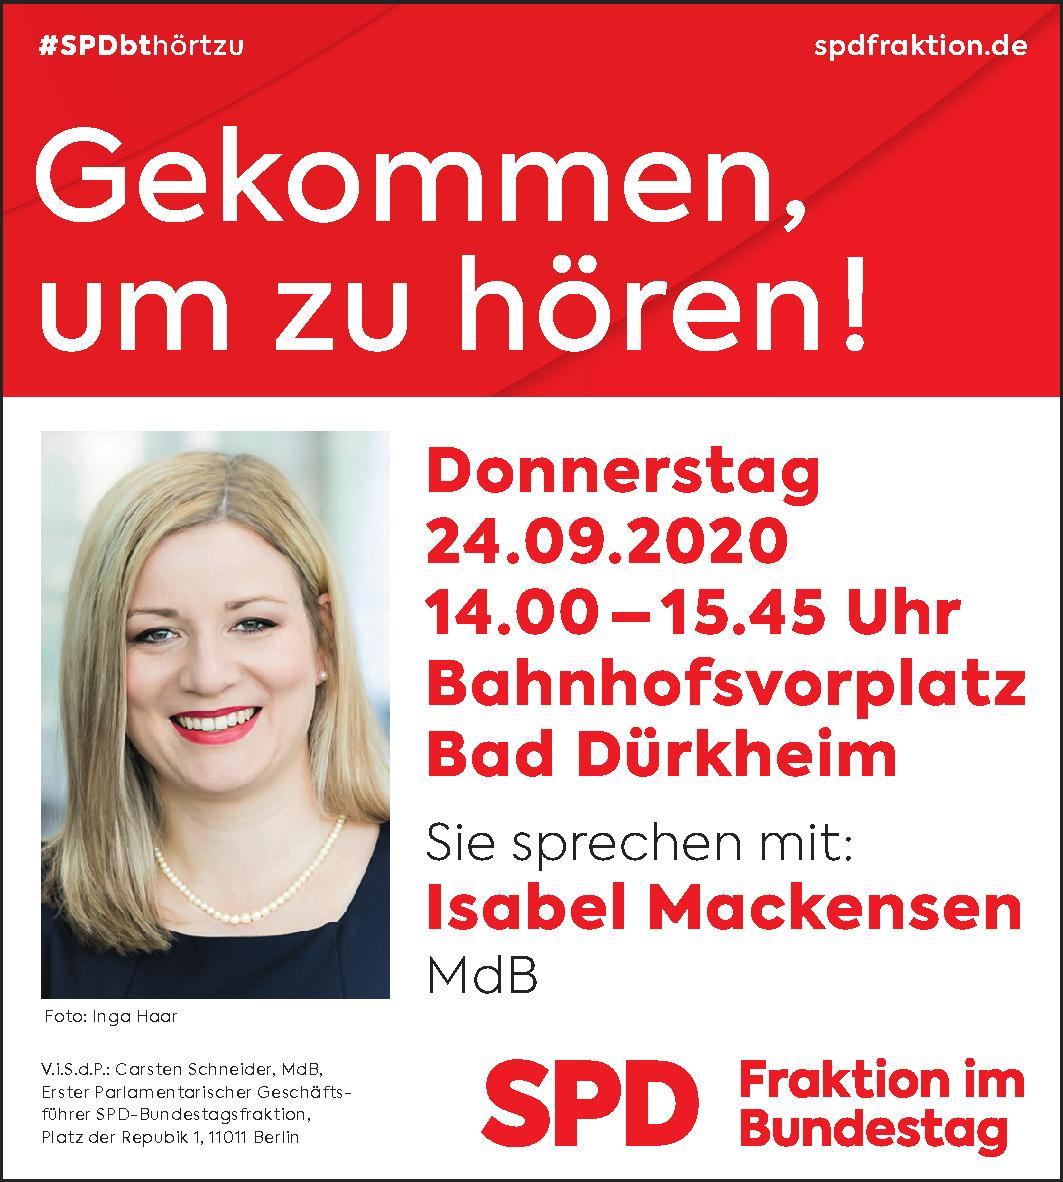 Isabel Mackensen - Gekommen um zu hören! 24.09.2020 Bahnhofsvorplatz Bad Dürkheim